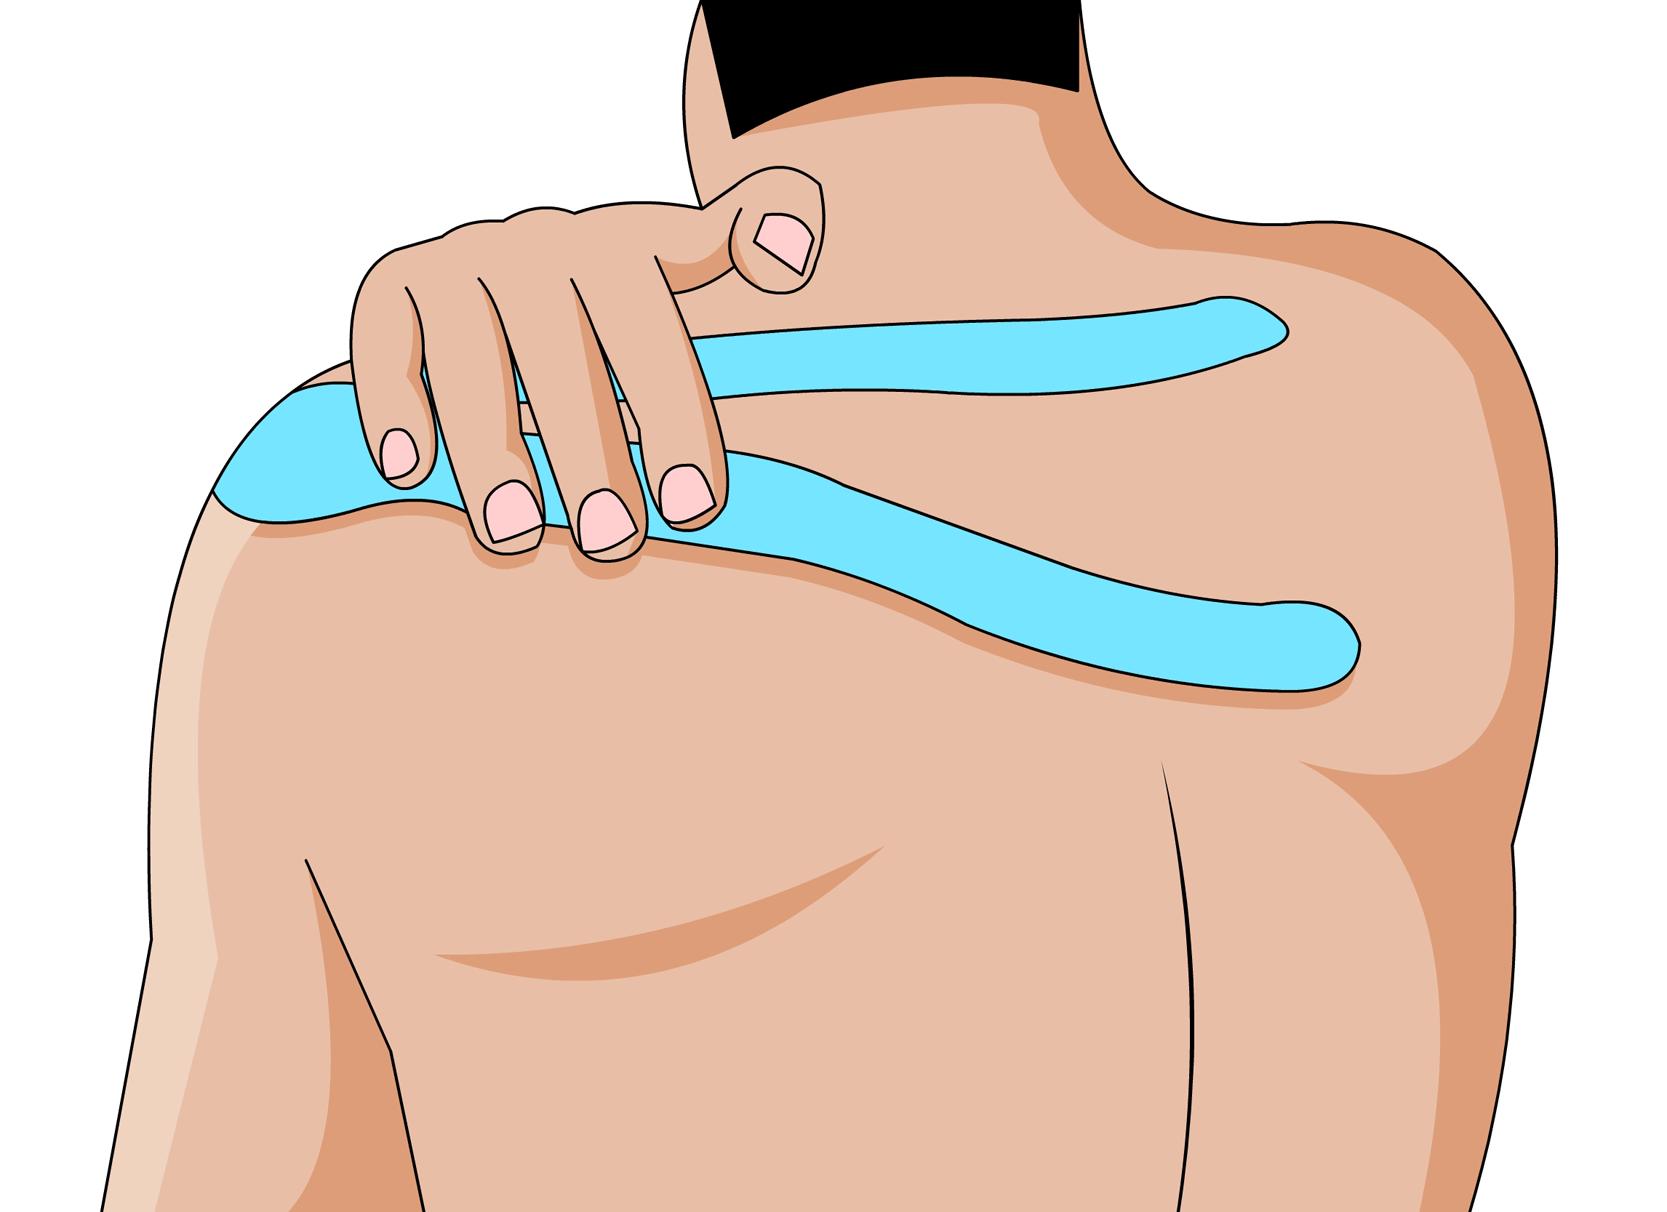 Mit Der Wunderwaffe Tapen Gegen Nackenschmerzen Vorgehen